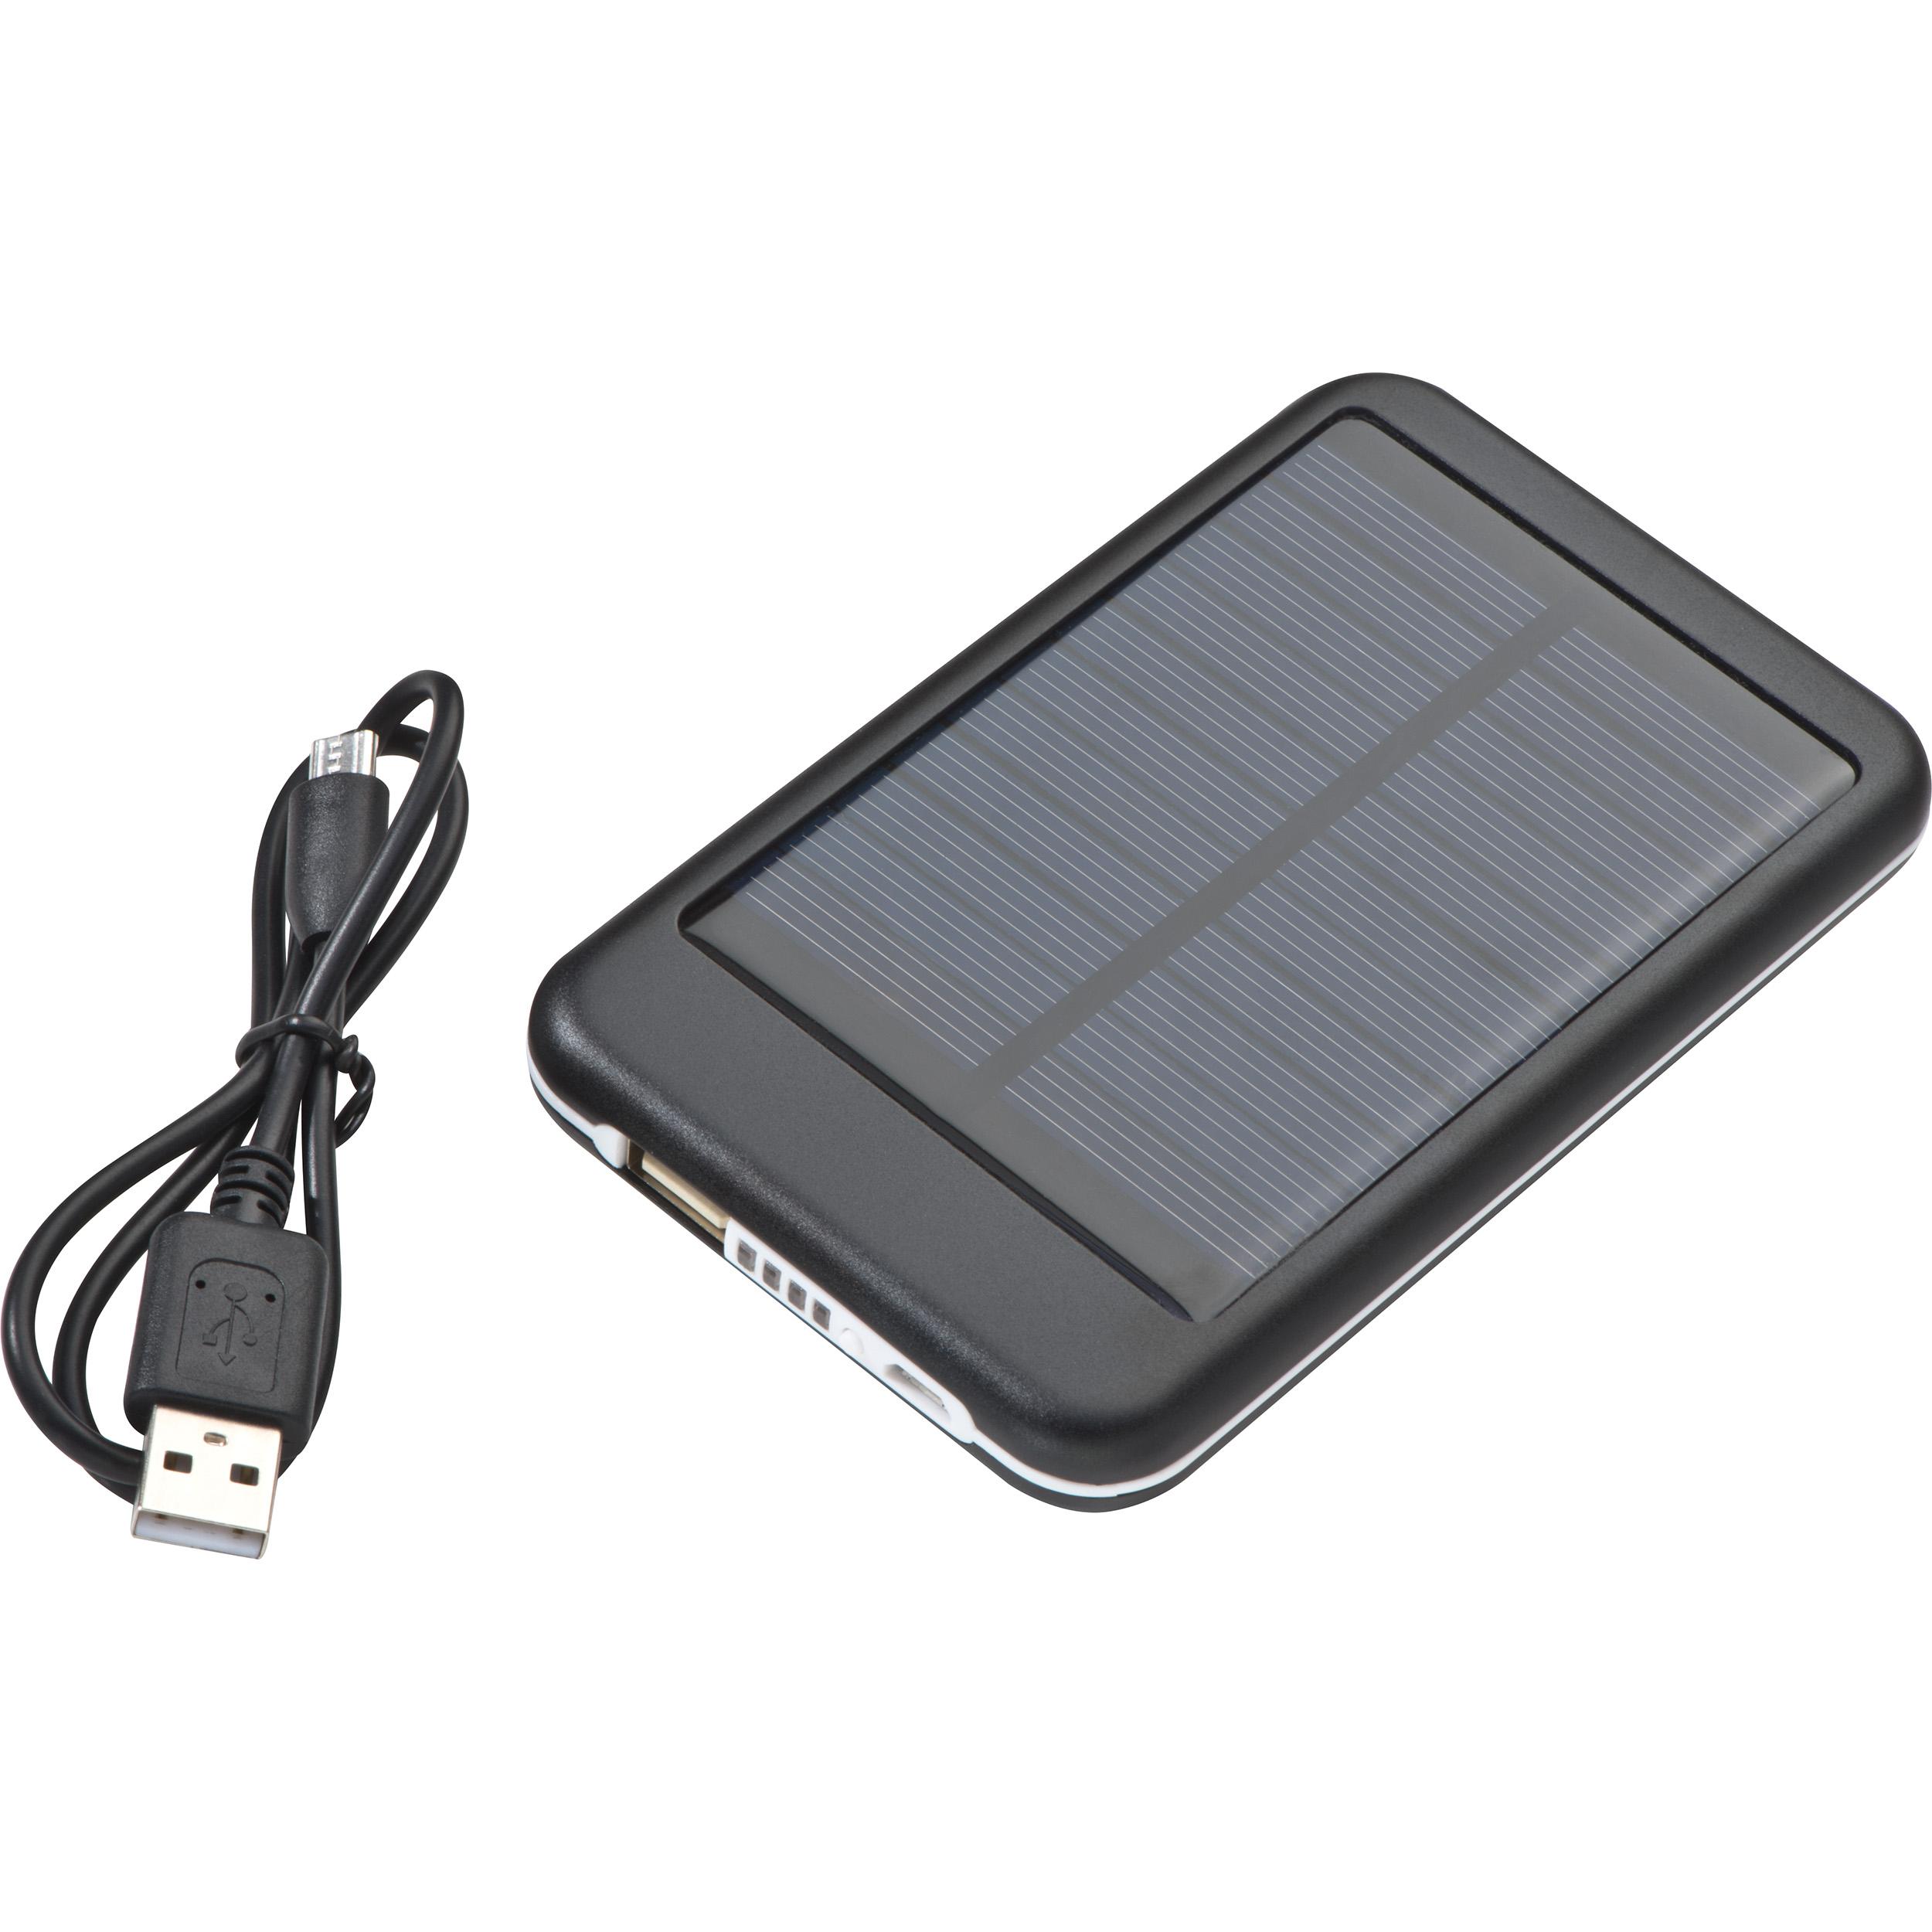 Chargeur solaire en métal